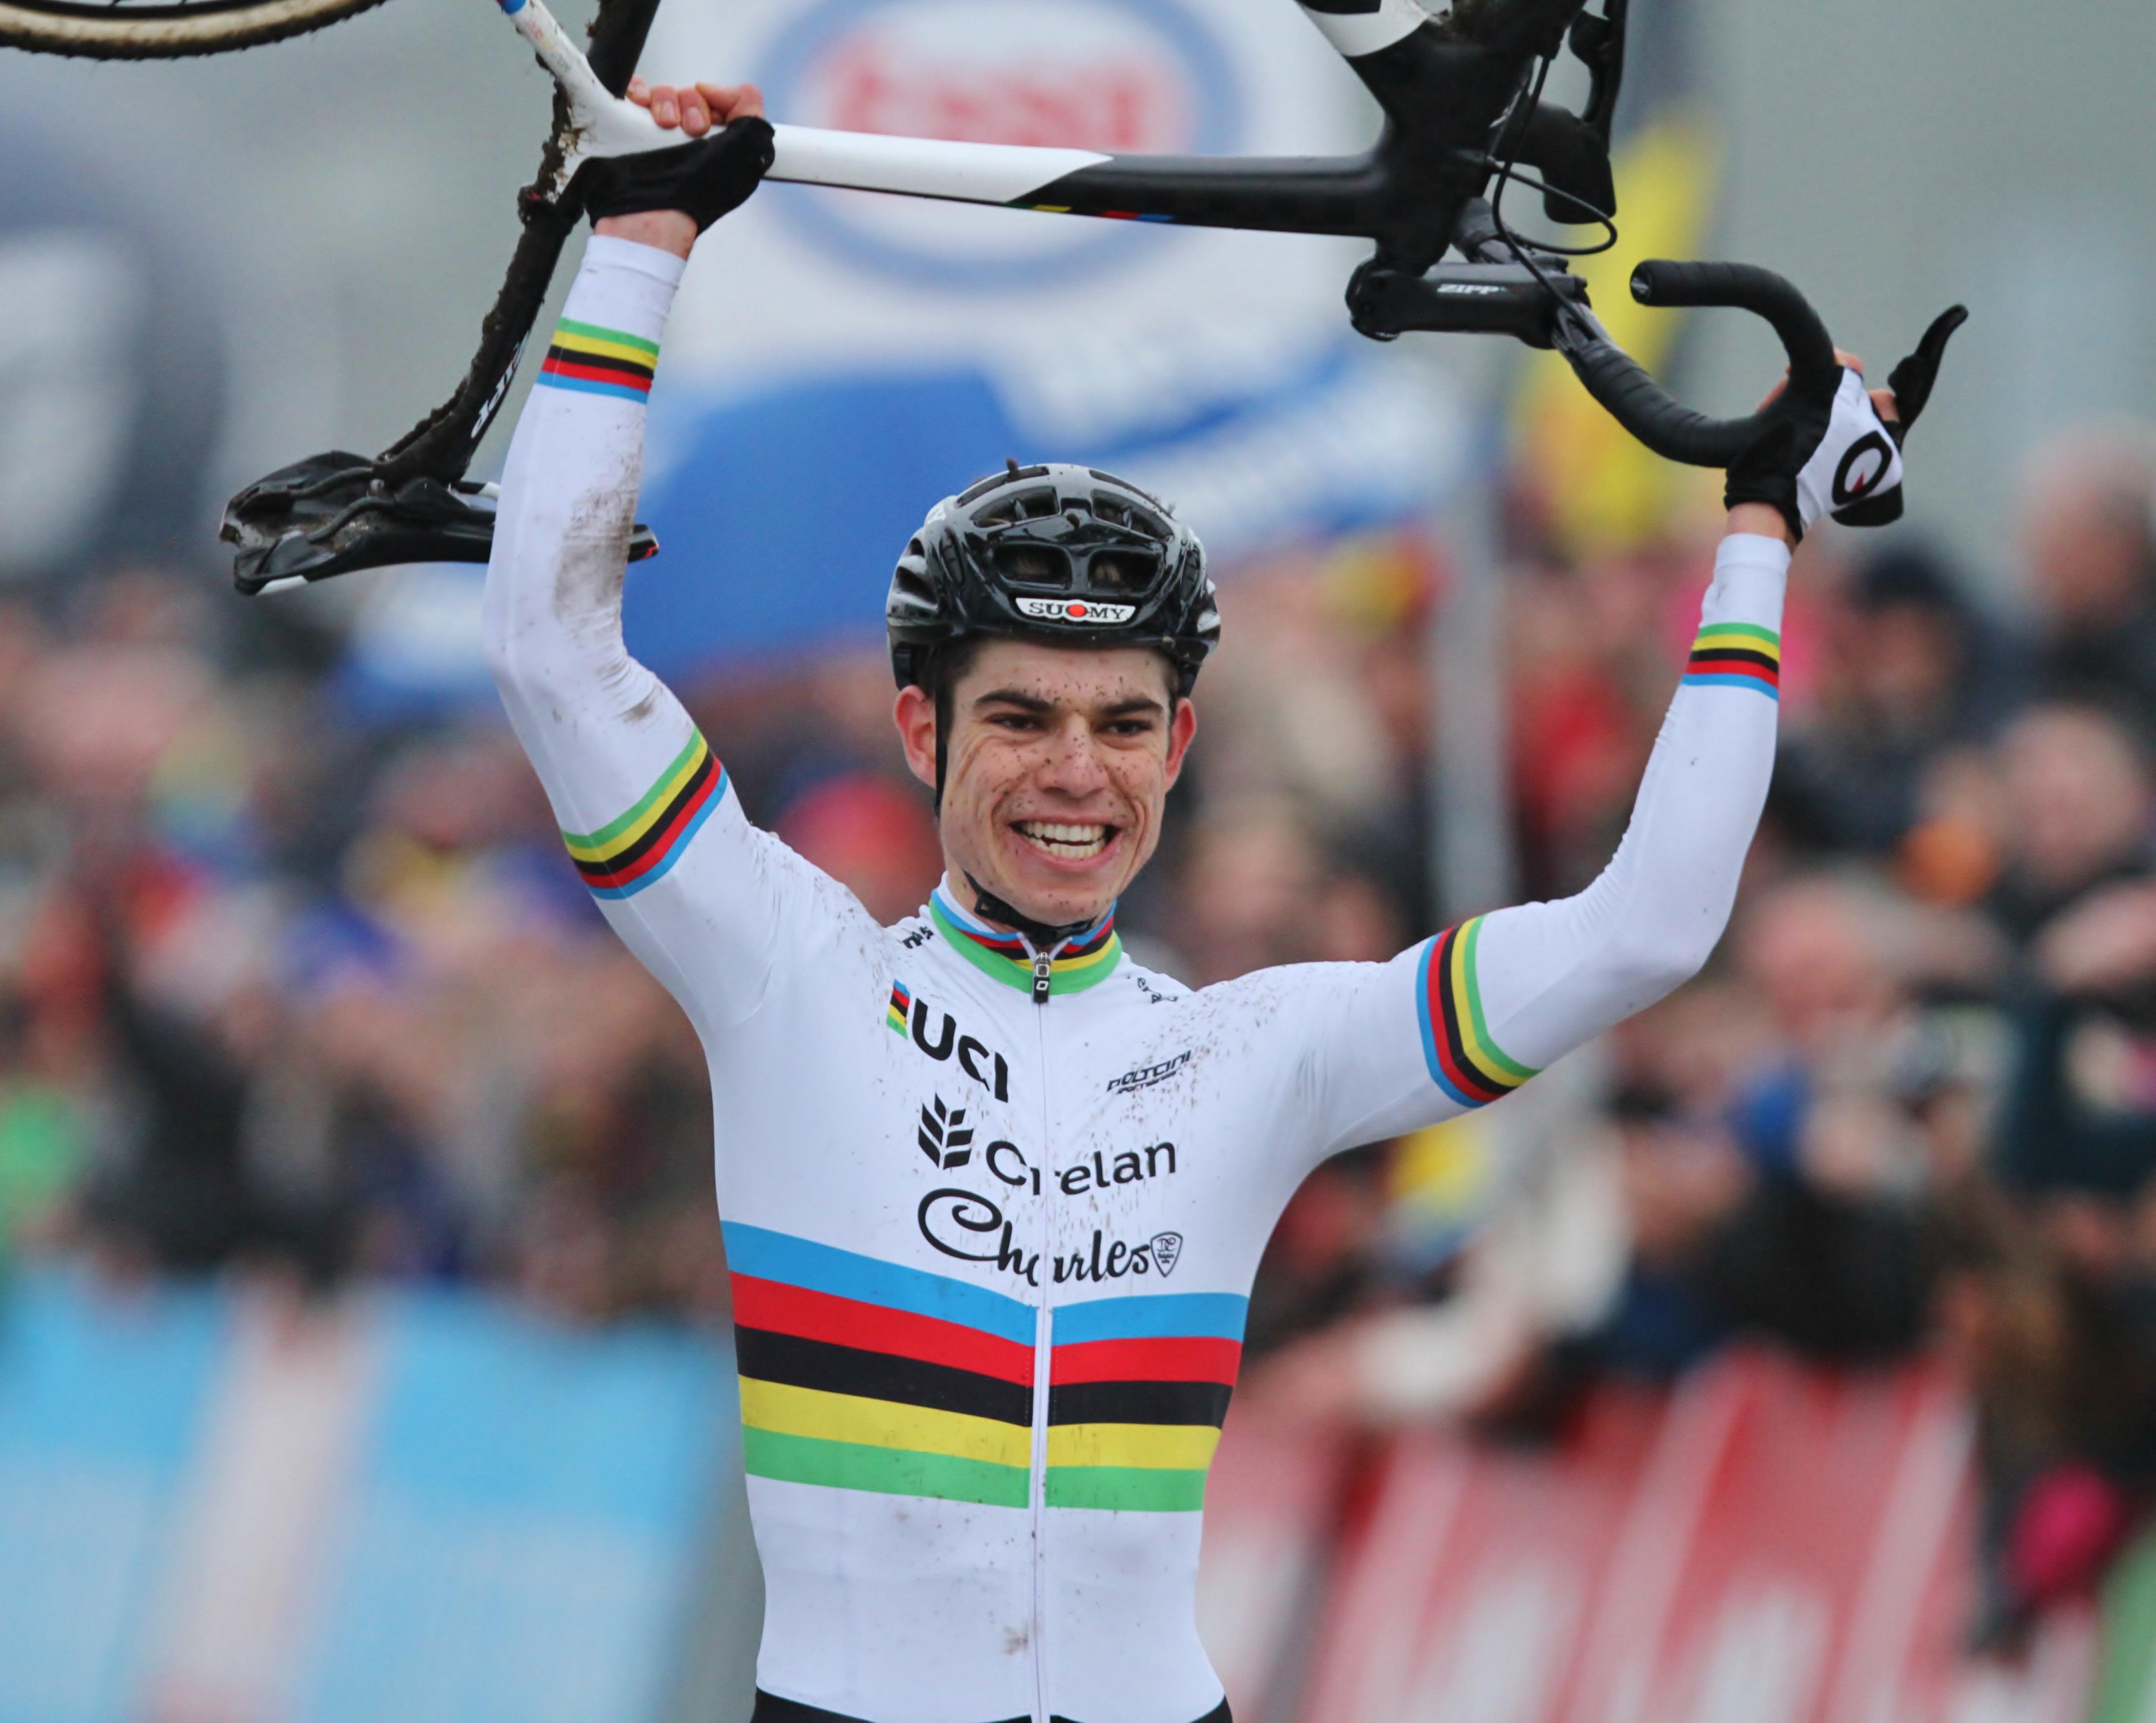 Koning Regelmaat Wout Van Aert pakt voor de tweede maal op rij de Belgische titel.